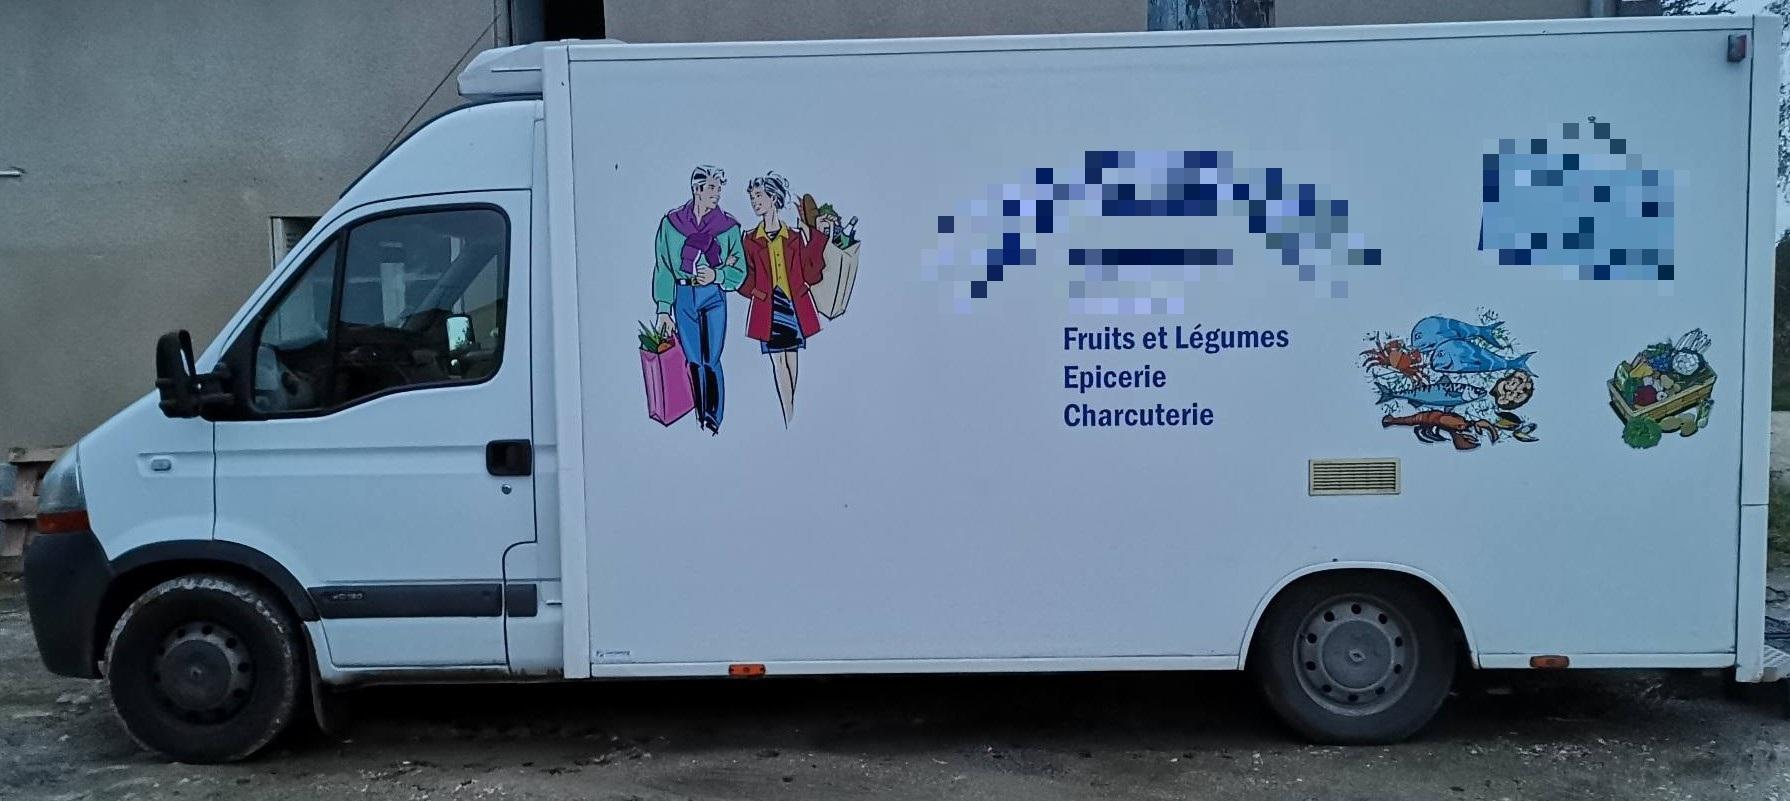 Vente Camion magasin produits frais + fonds de commerce dans la Vienne (86)